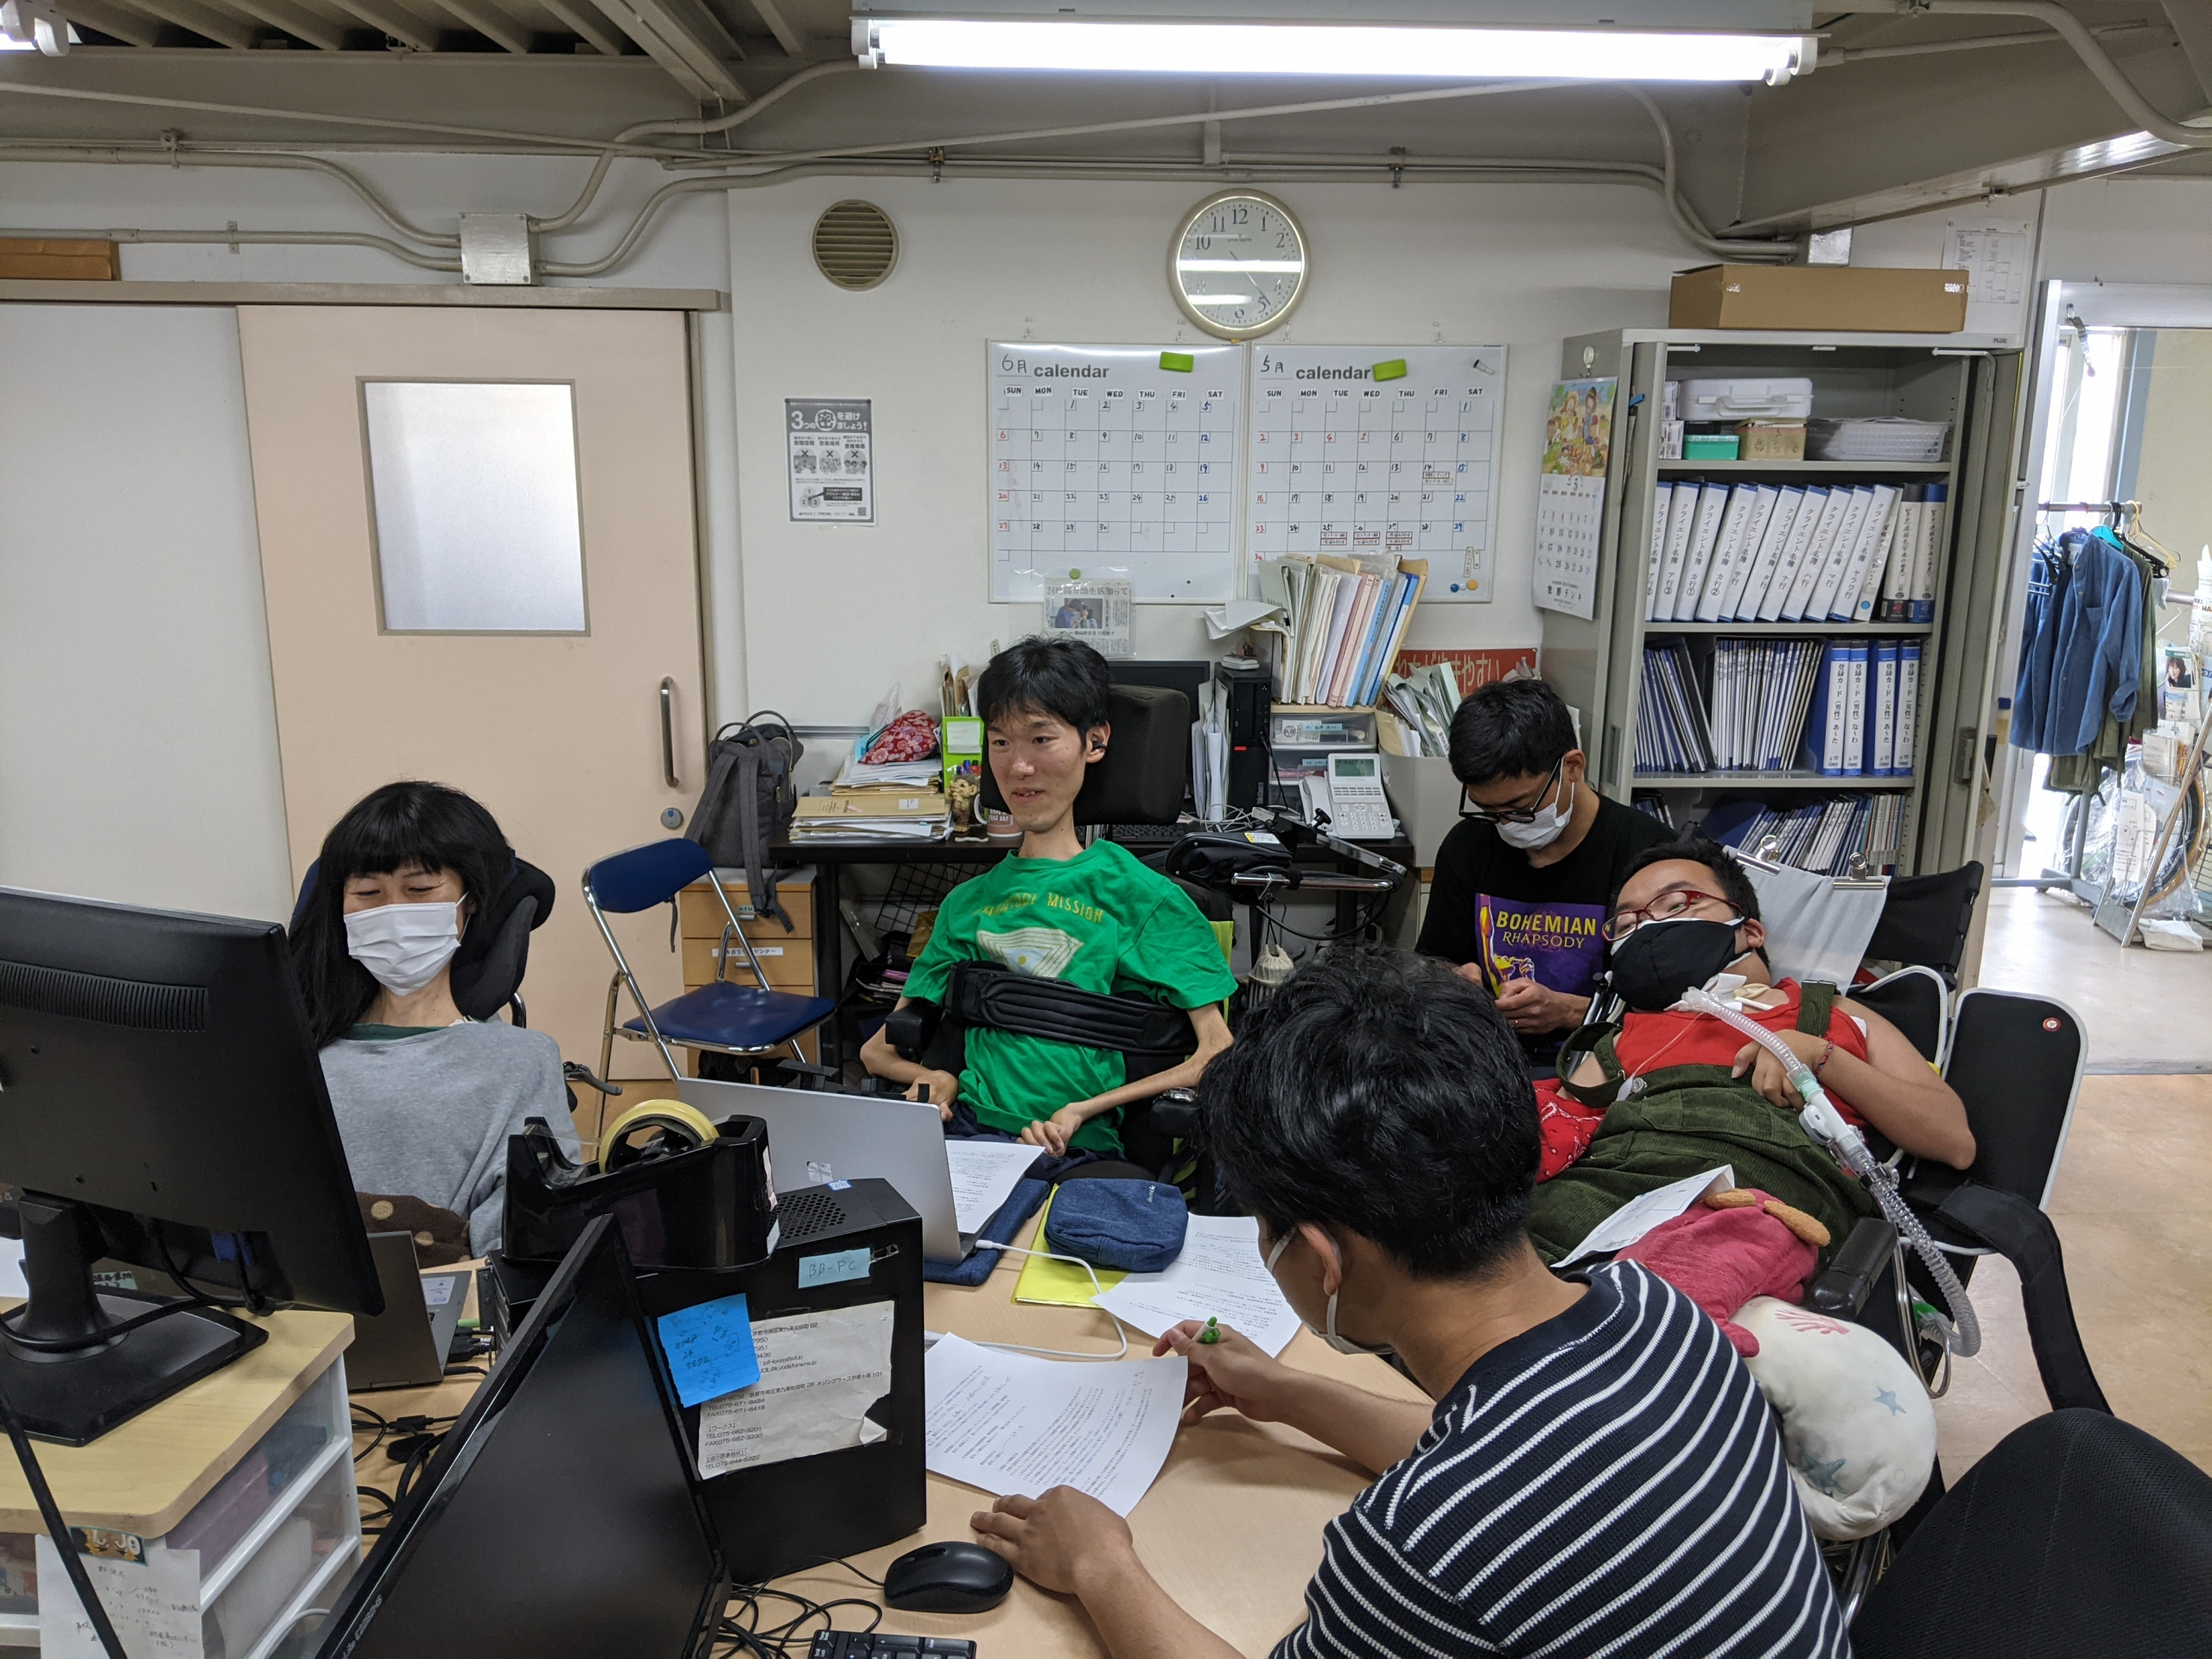 地域移行PV作成チームミーティング風景